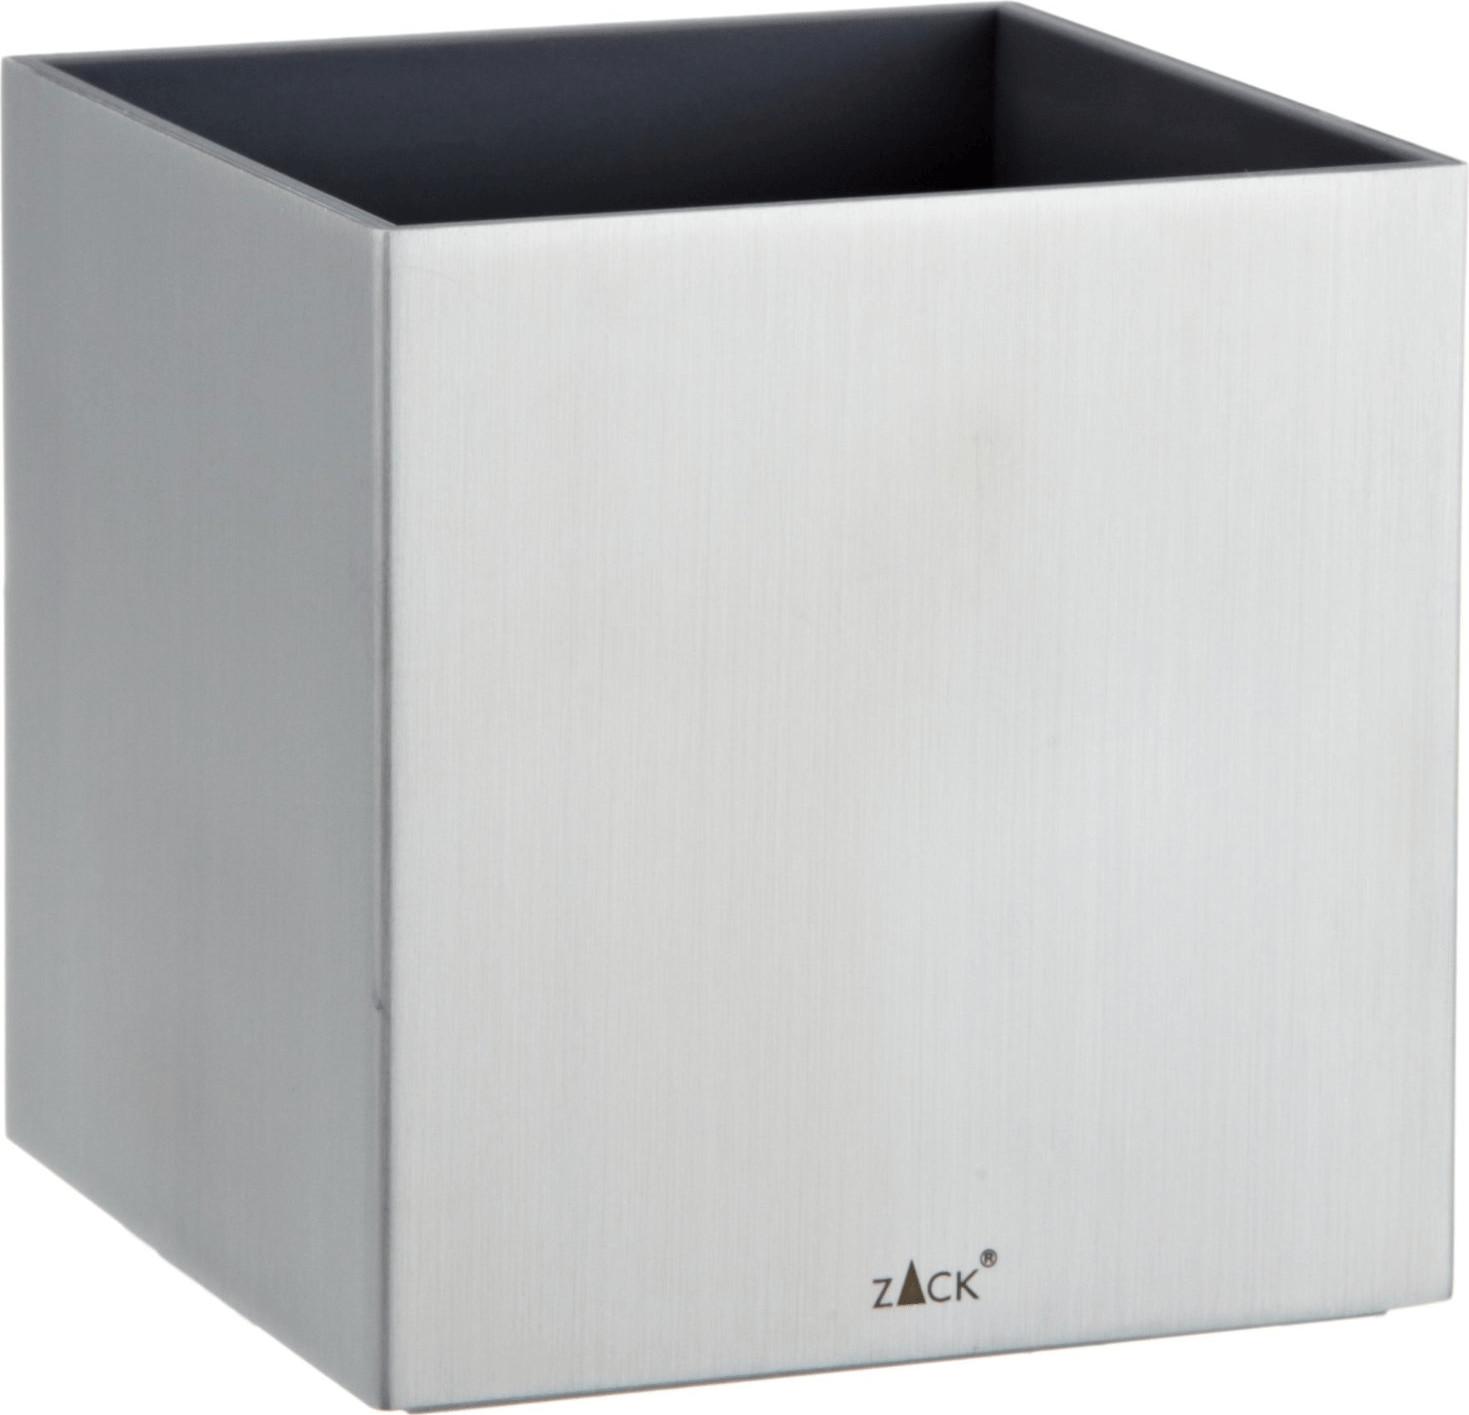 ZACK Xero Utensilien Box groß